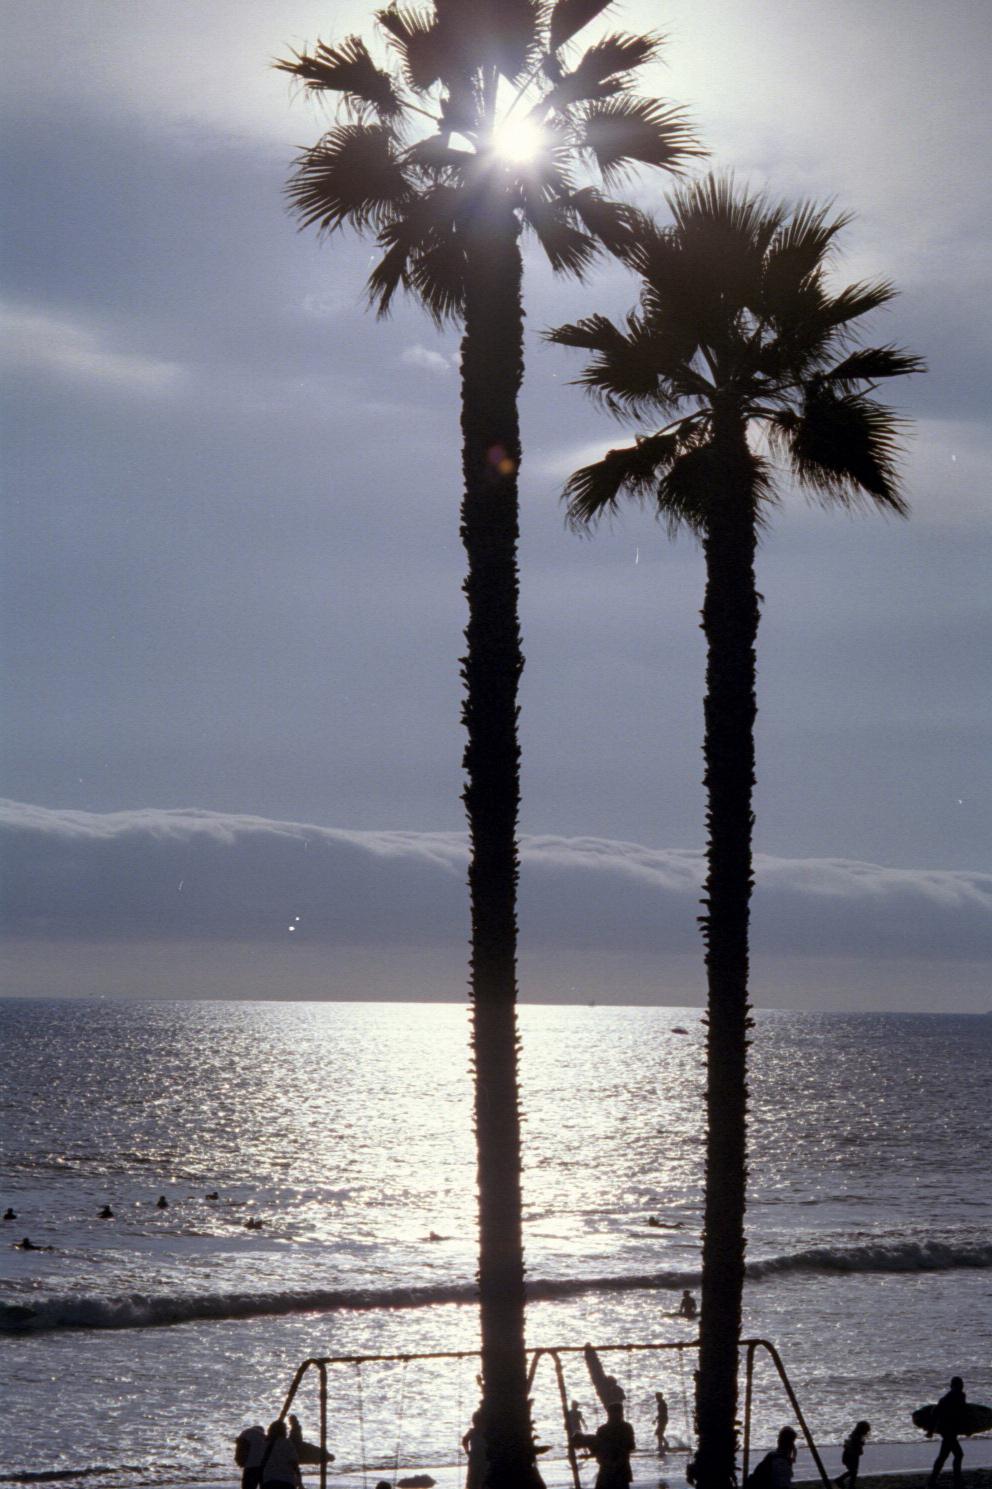 SunPalm.jpg